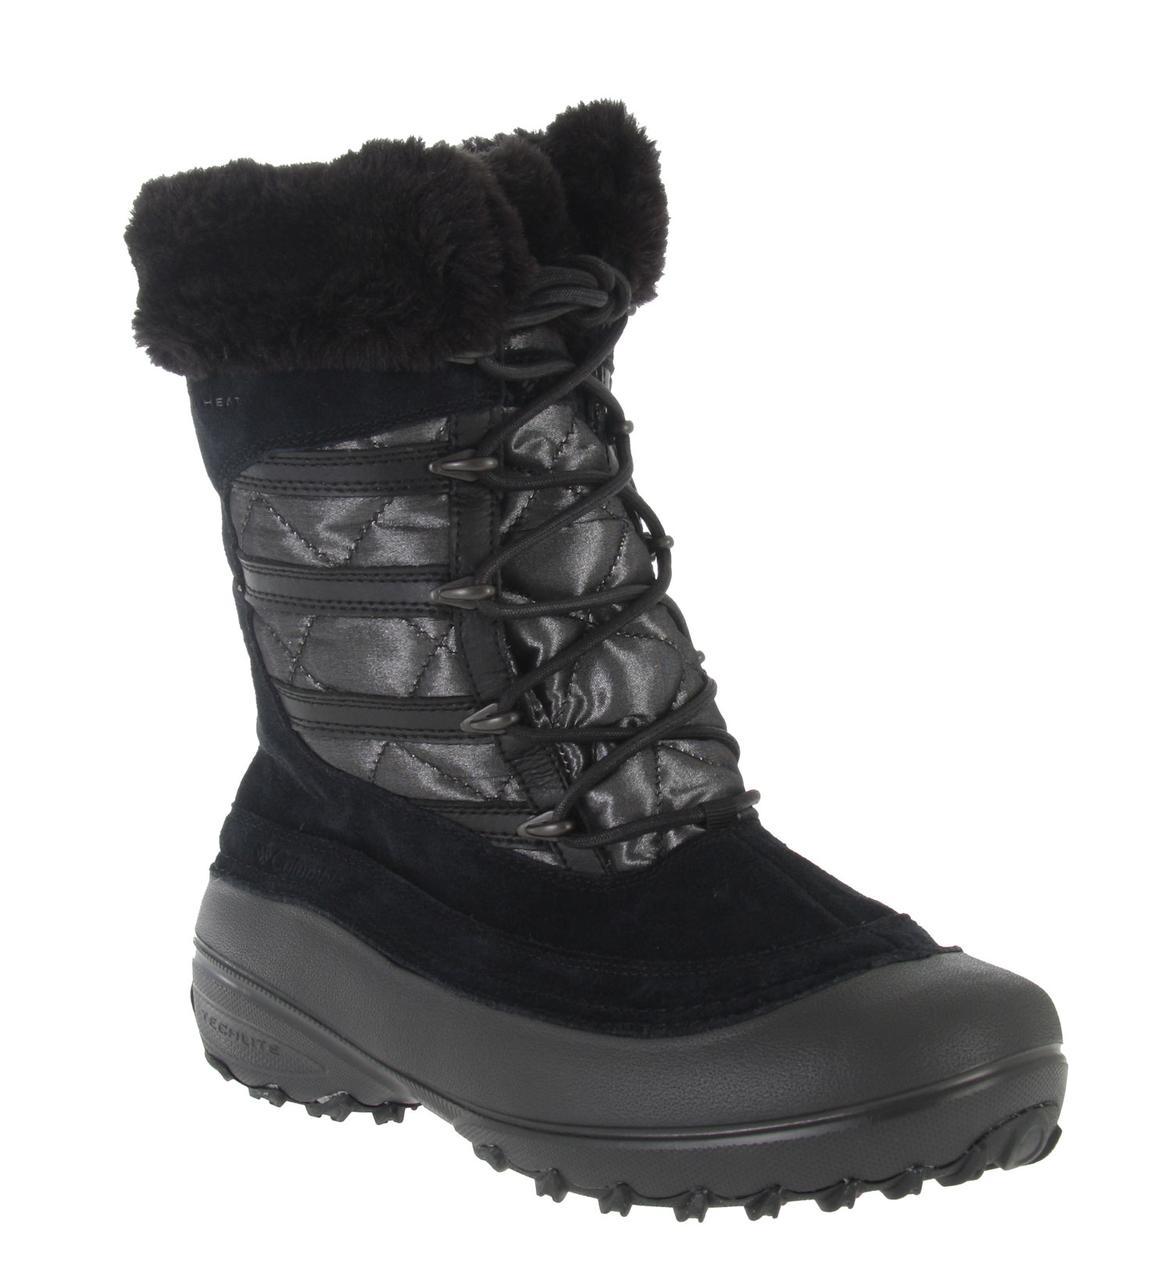 Сапоги зимние женские сноубутсы / Columbia Women's Slopeside Omni-Heat Boot (BL1460), Черные 36